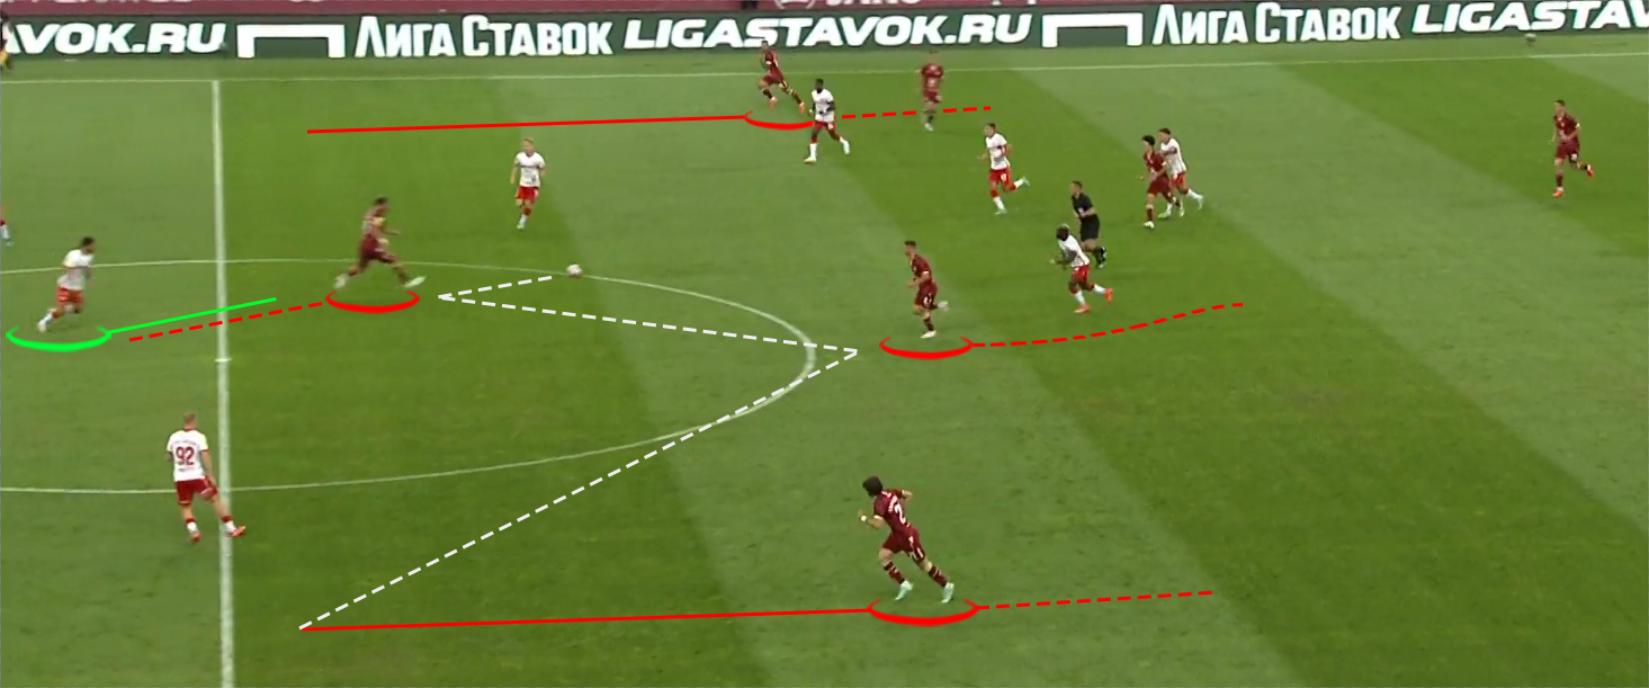 Рубин выявил проблемы в структуре Спартака, но победа не закономерна